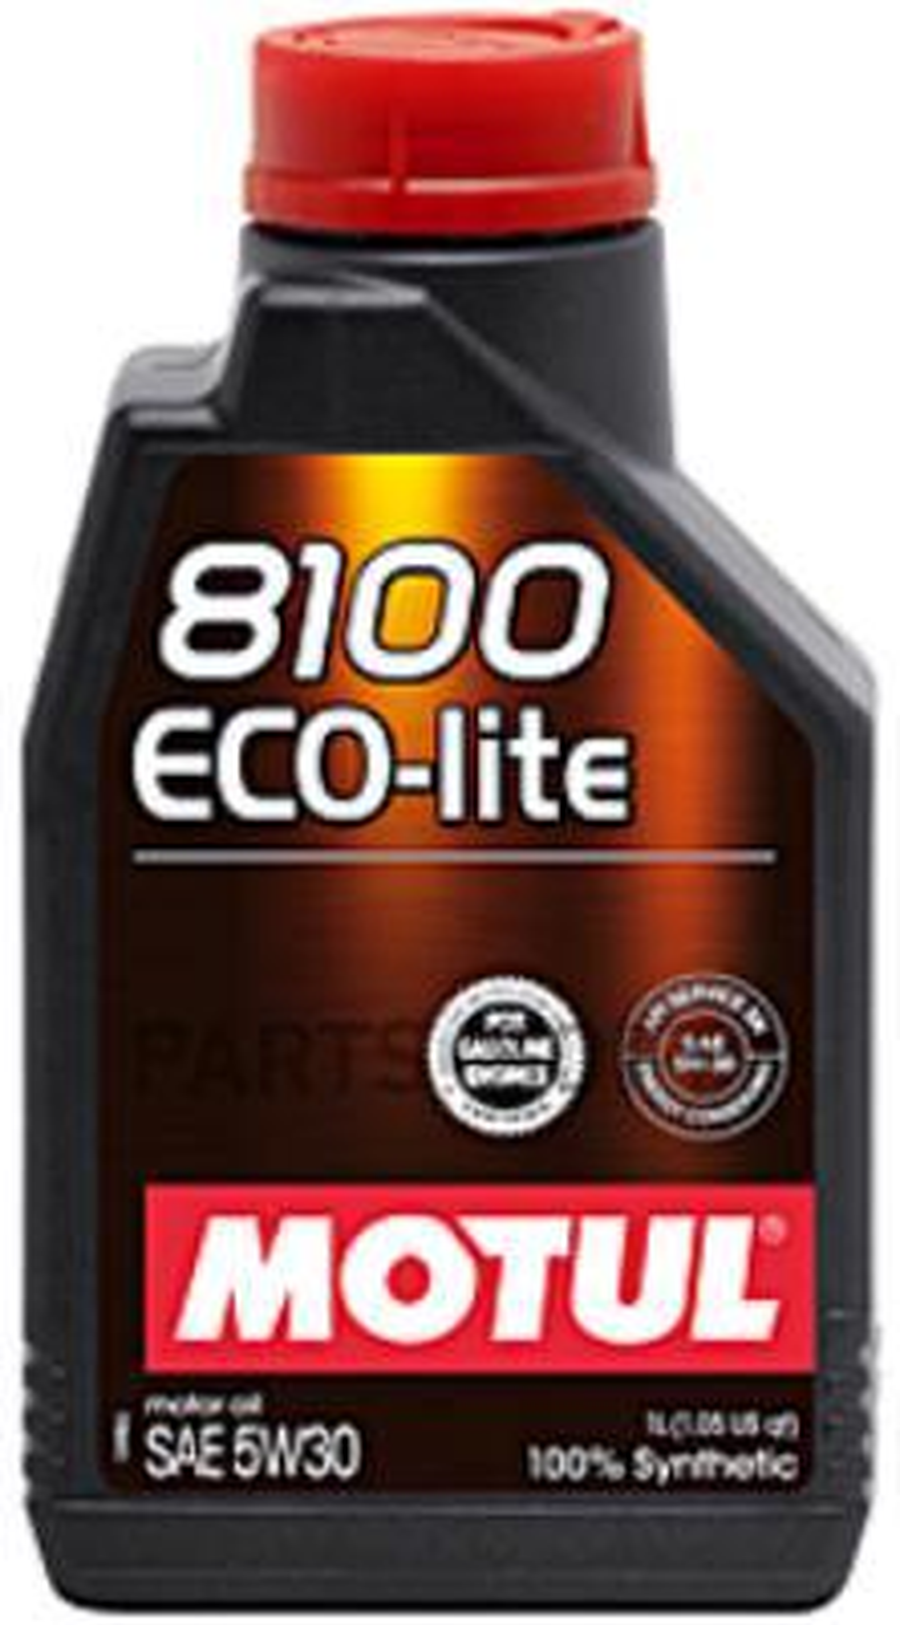 Масло моторное MOTUL 8100 Eco-Lite 5W-30 (1 л.) синтетика